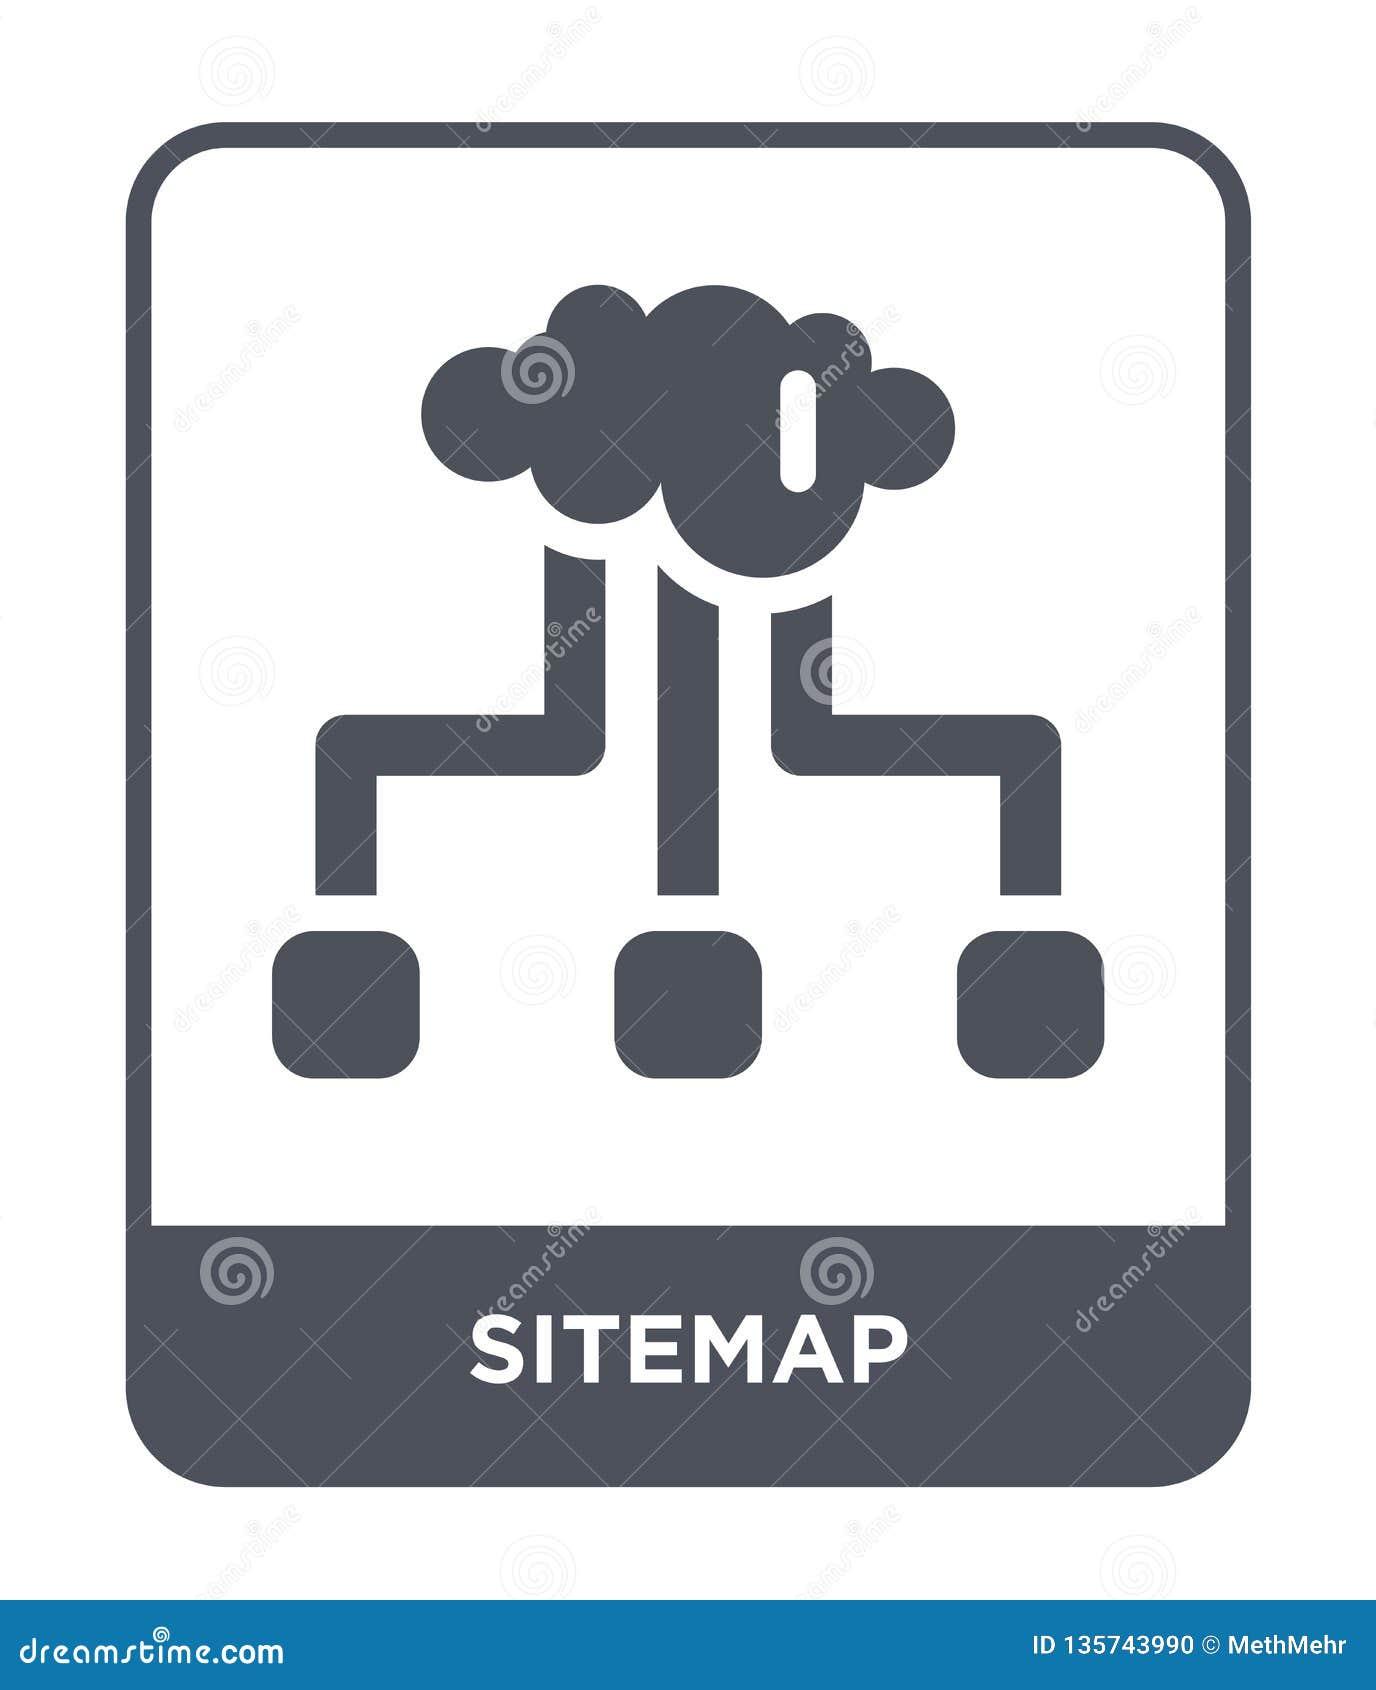 Icono del sitemap en estilo de moda del diseño icono del sitemap aislado en el fondo blanco símbolo plano simple y moderno del ic